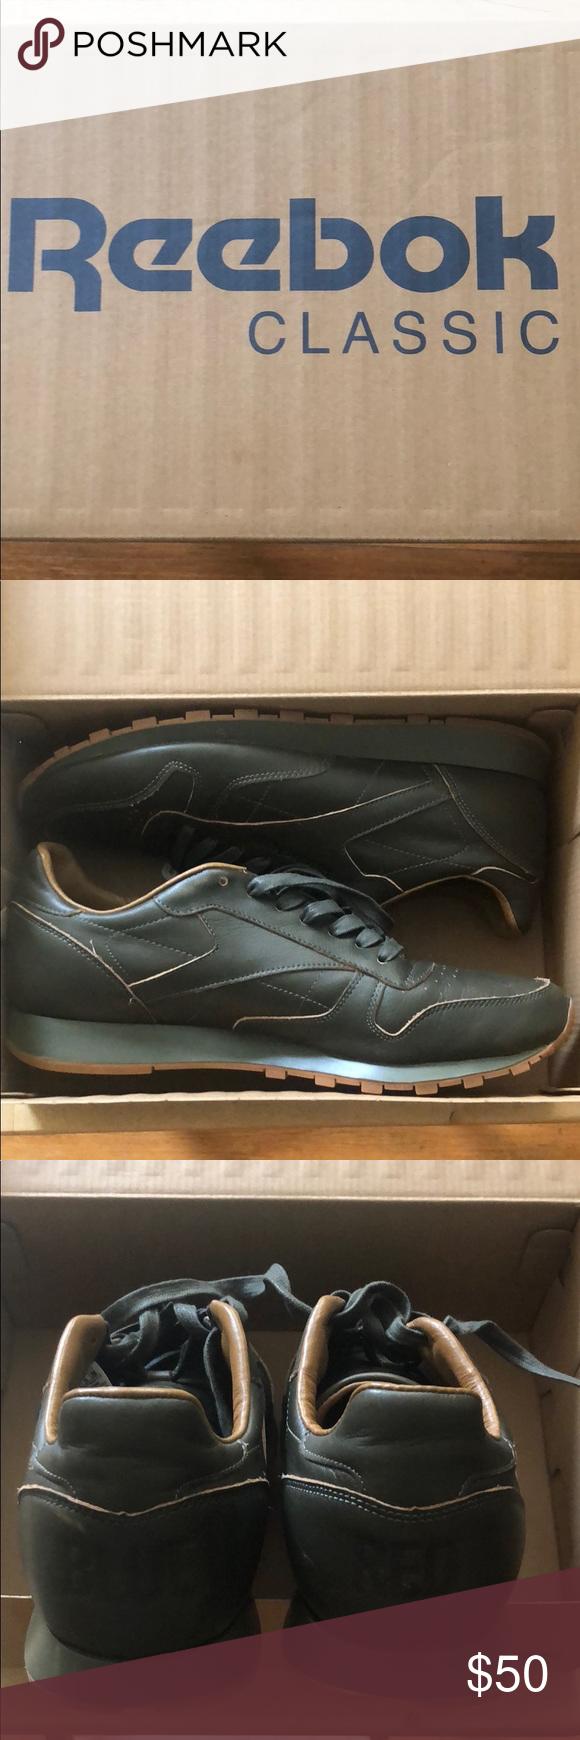 6397a3c682926 Reebok Classic Bubblegum Sole Sneakers